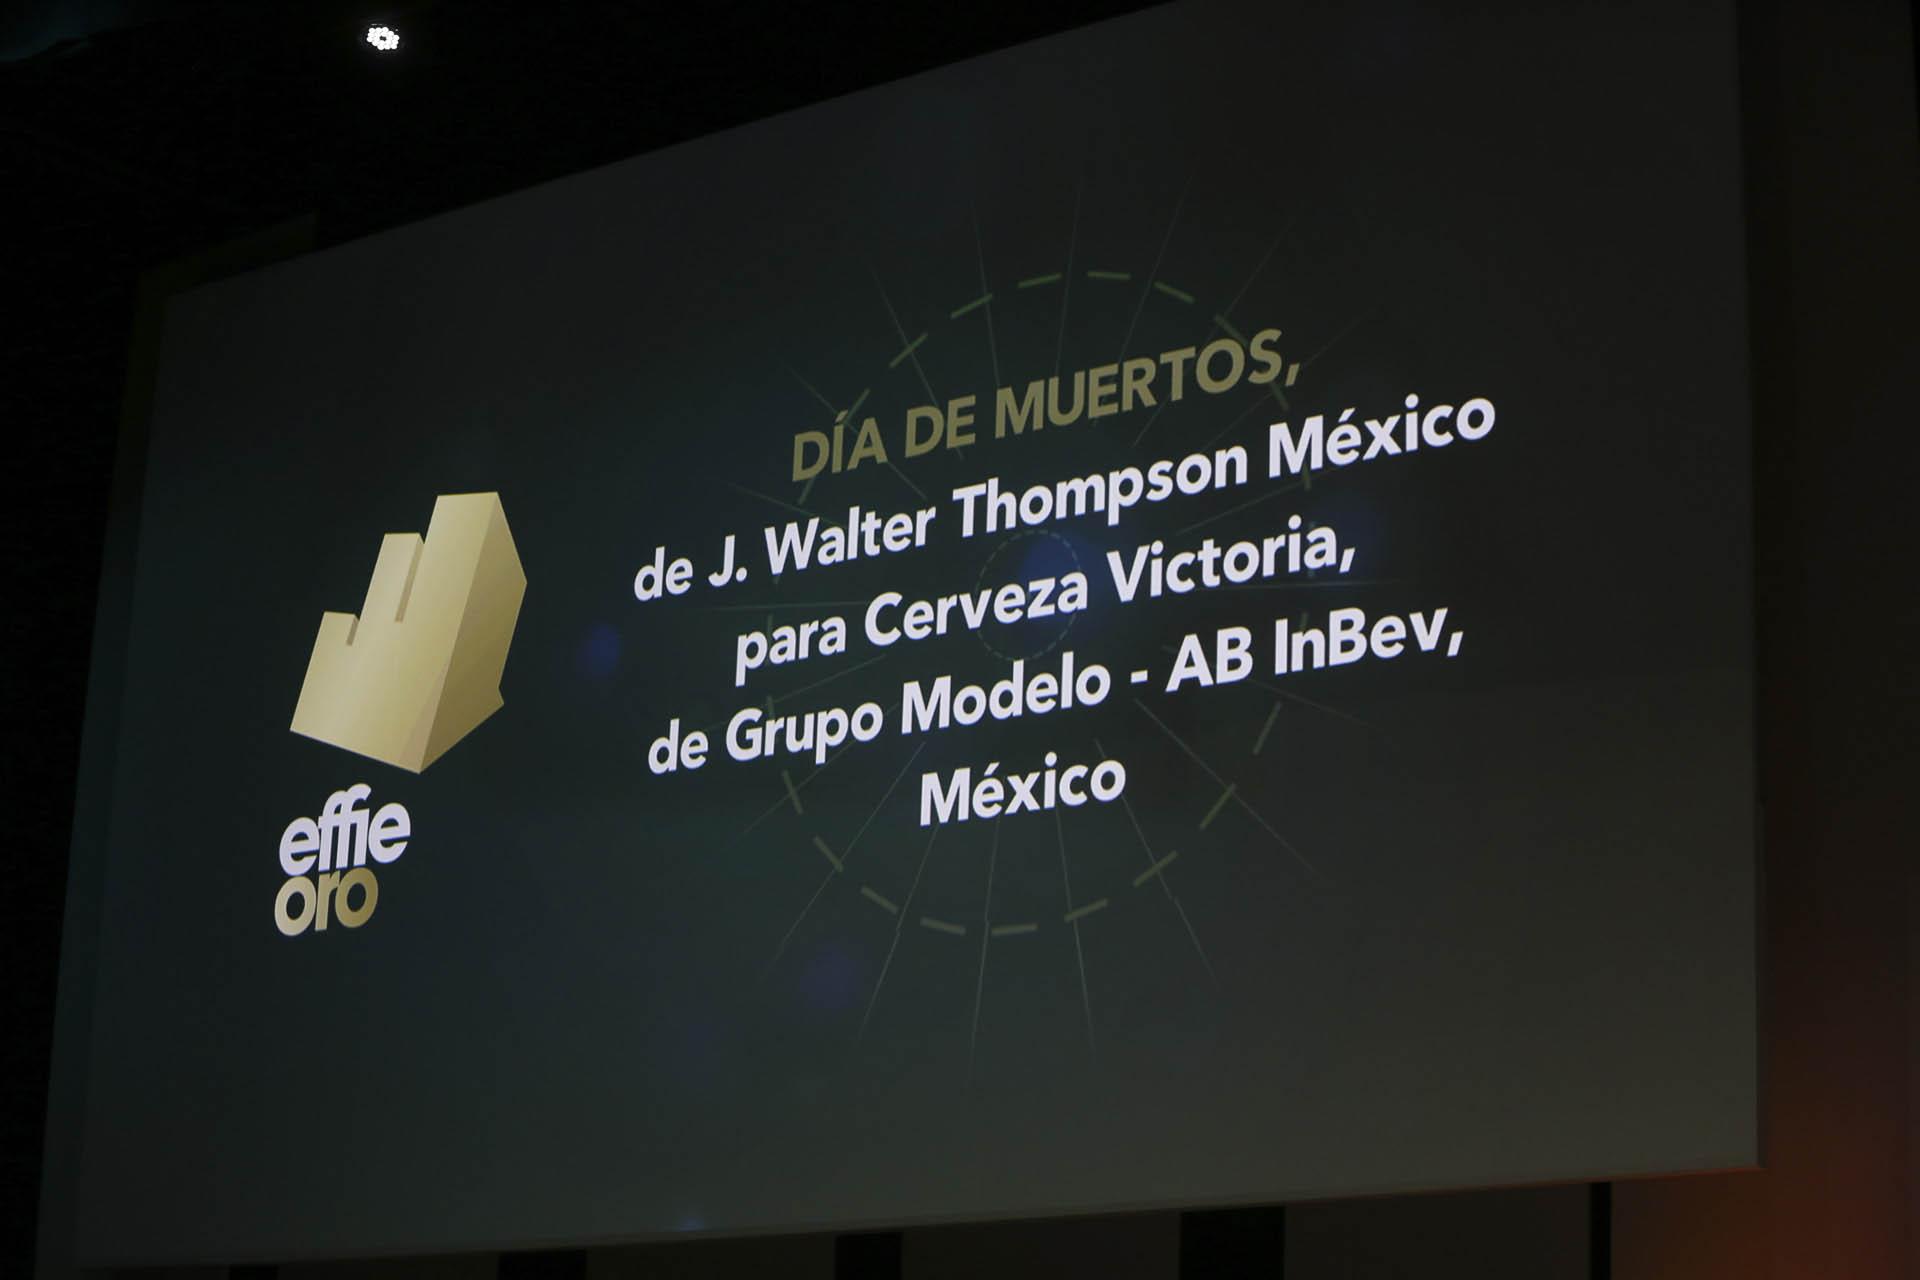 """En la categoría """"Bebidas Alcohólicas"""", el premio Effie de Oro fue para Día de Muertos, de J. Walter Thompson México para Grupo Modelo – AB InBev, México"""